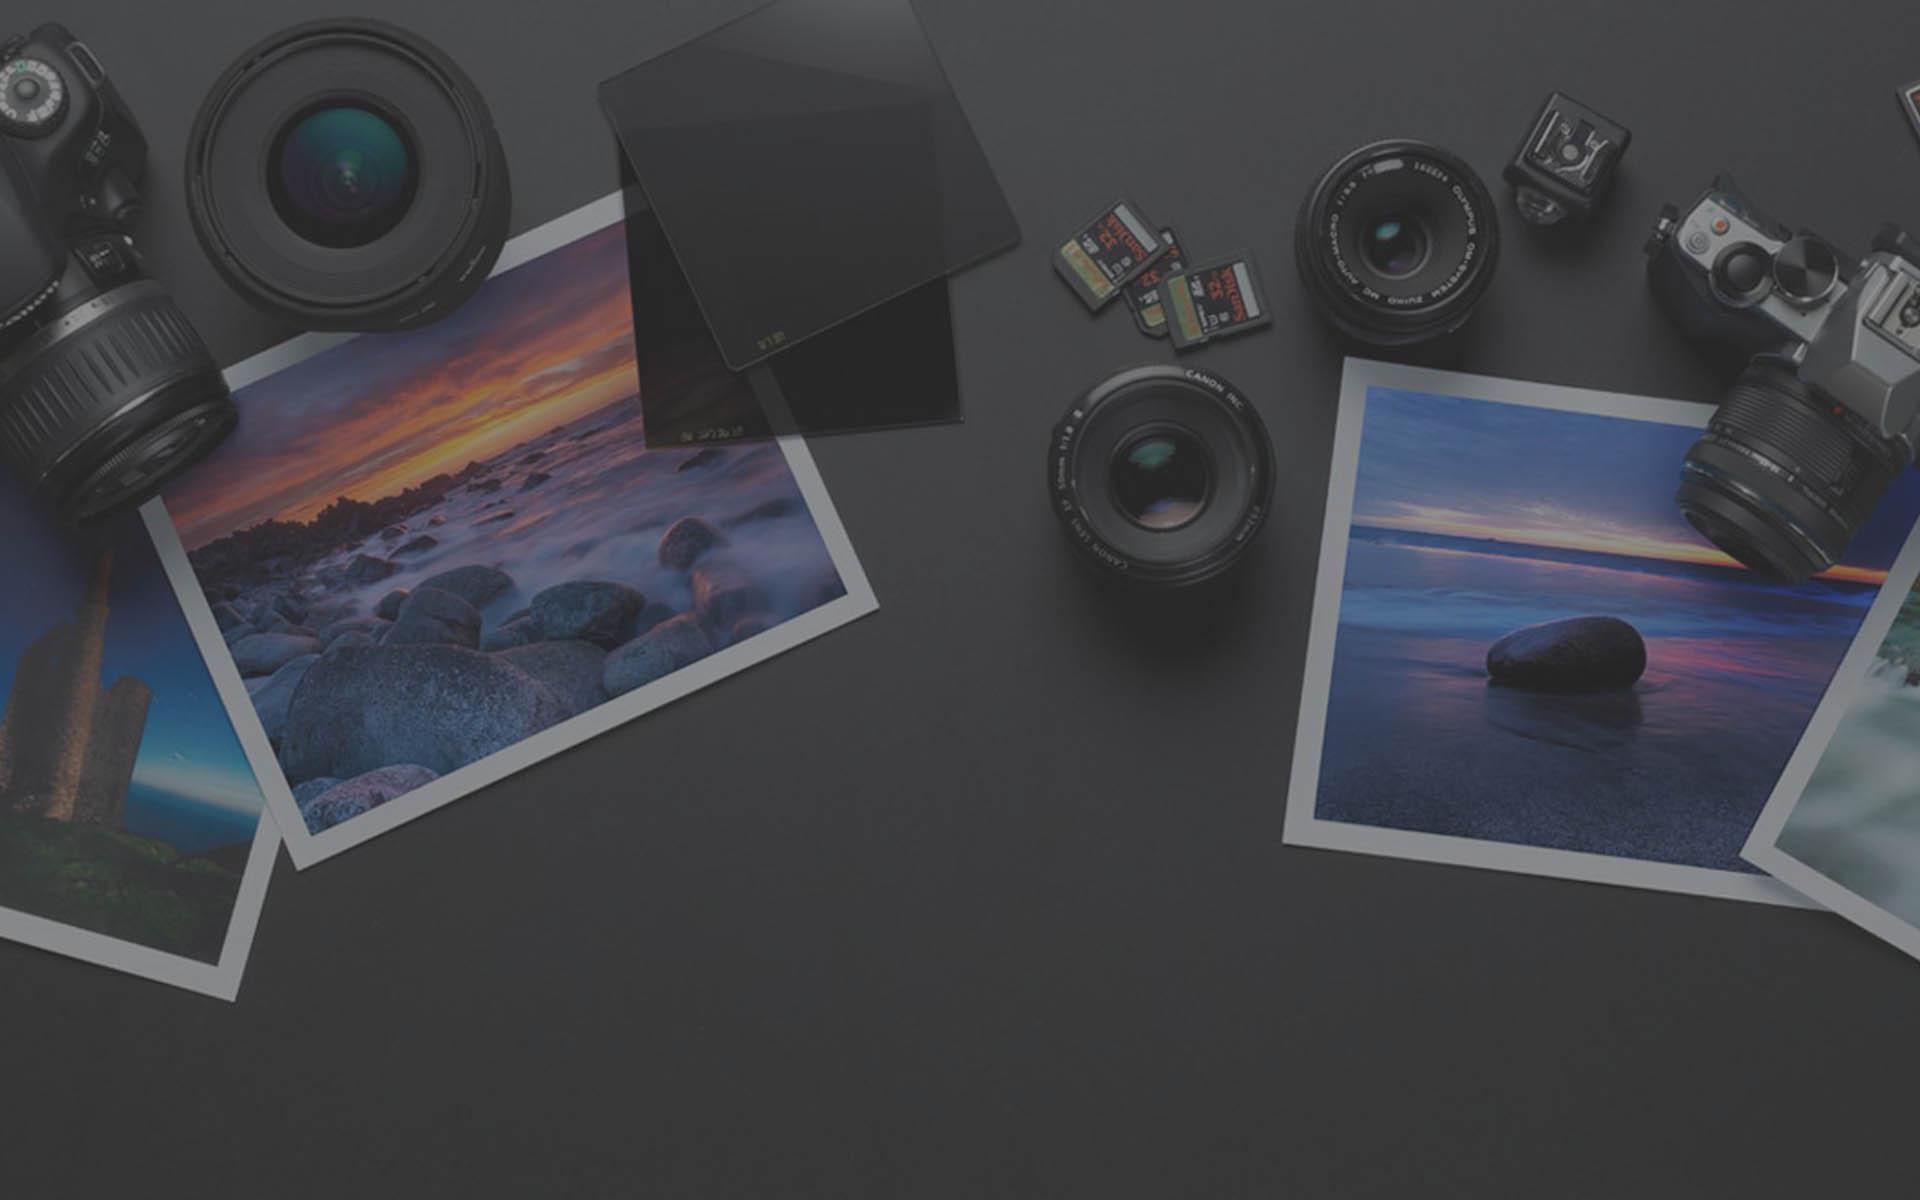 ارائه رایگان فایلهای اصلی فیلم و عکس